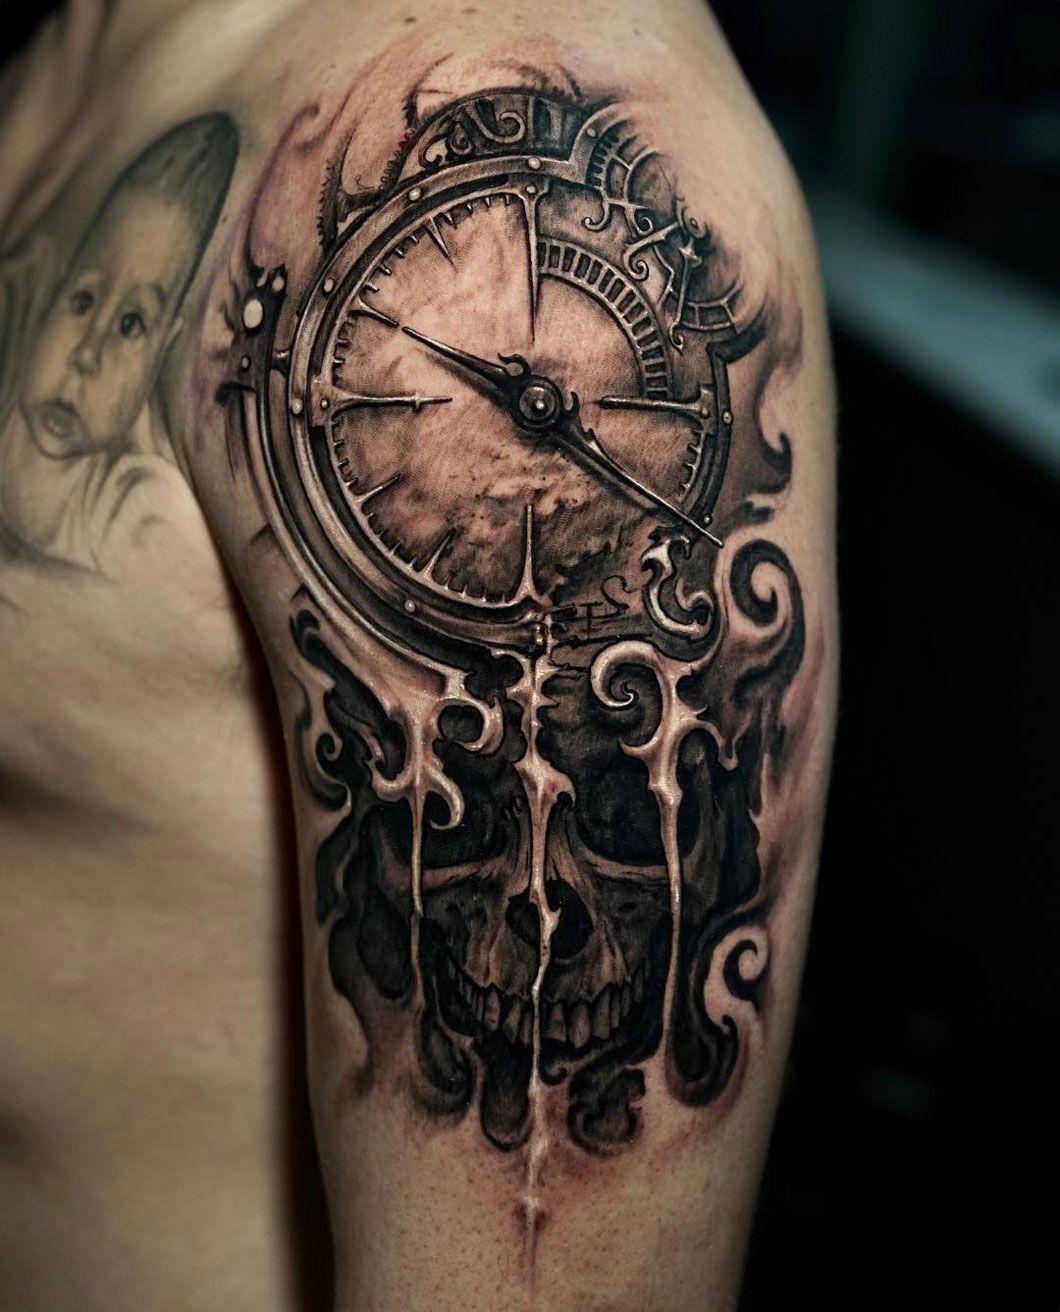 Tattoos, Clock Tattoo Design